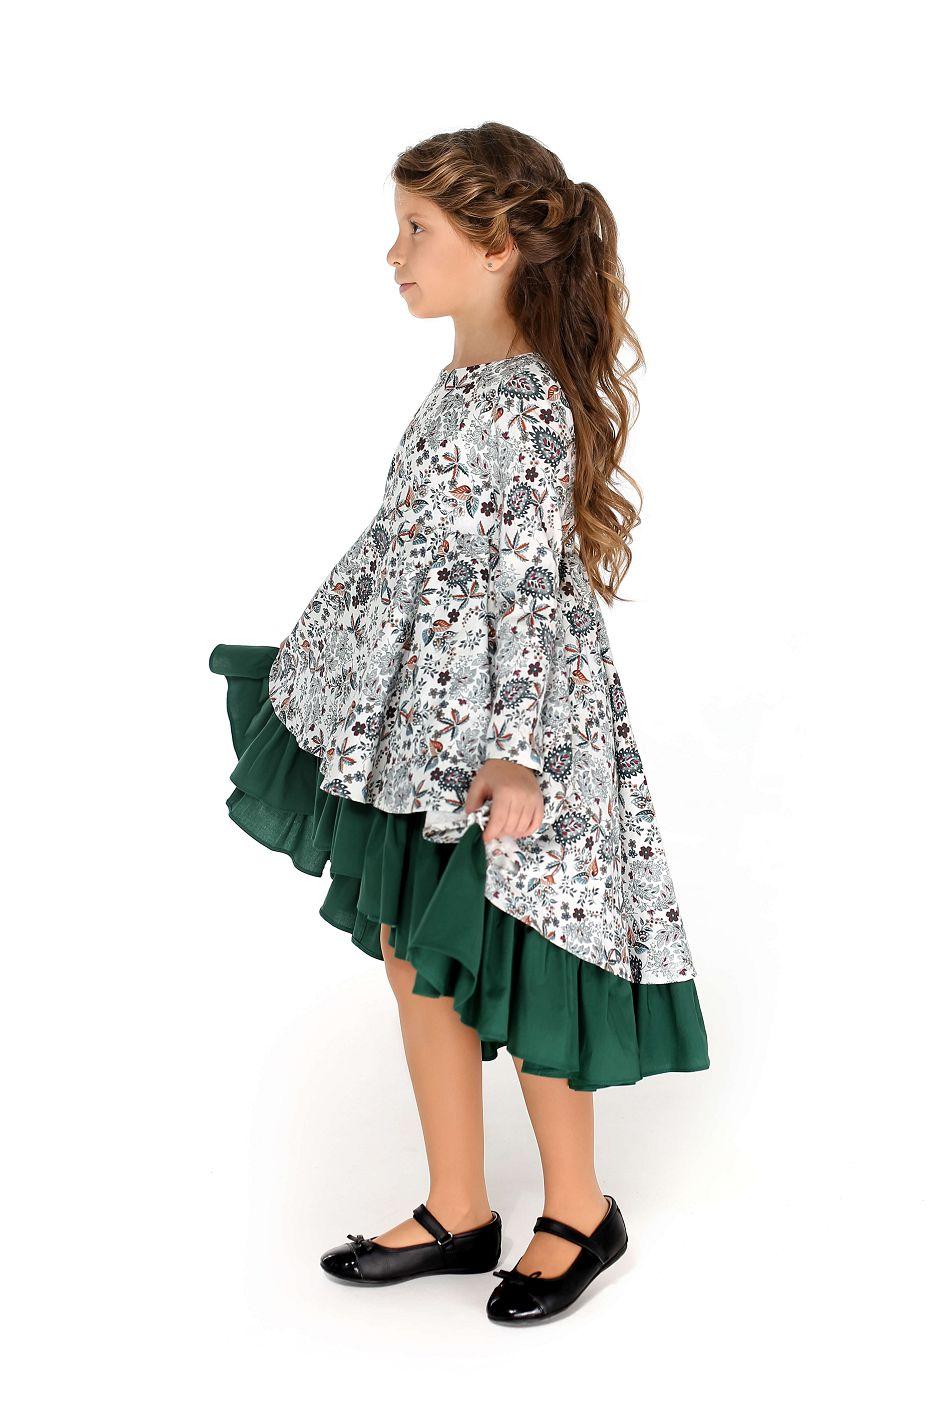 Нарядные платья и еедневные платья на девочек